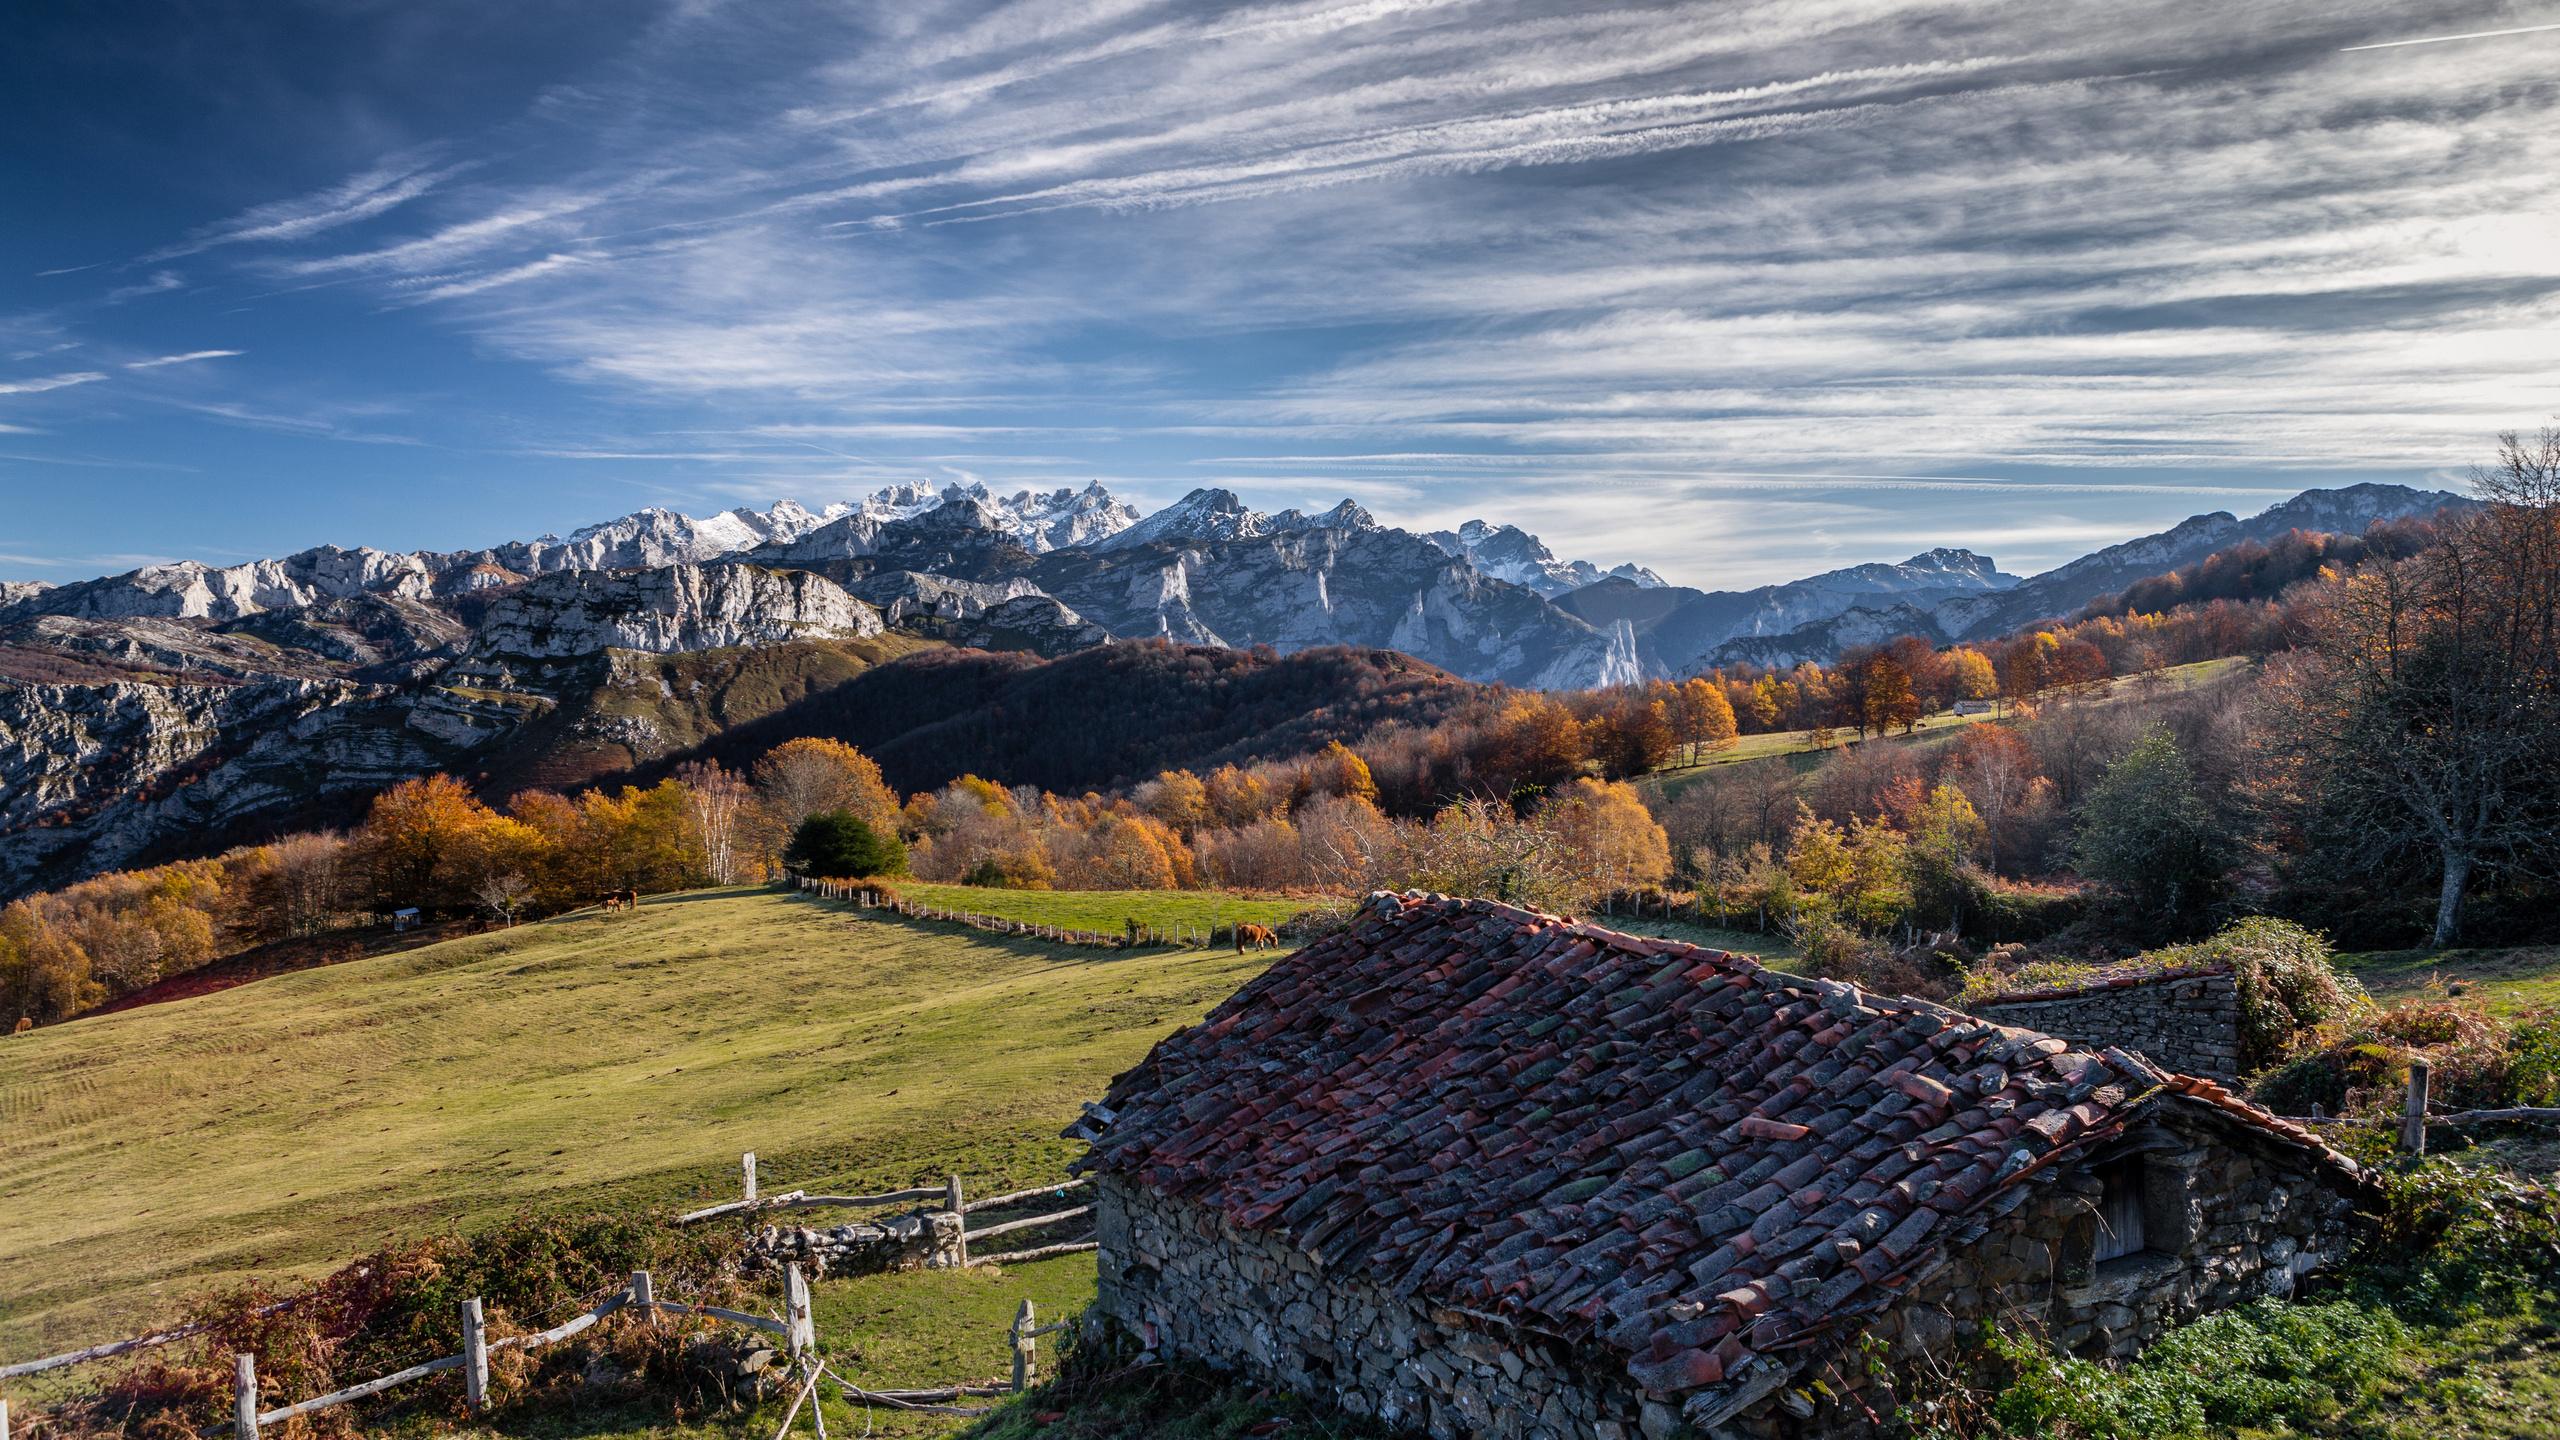 испания, горы, небо, дома, asturias, ponga, облака, крыша, природа